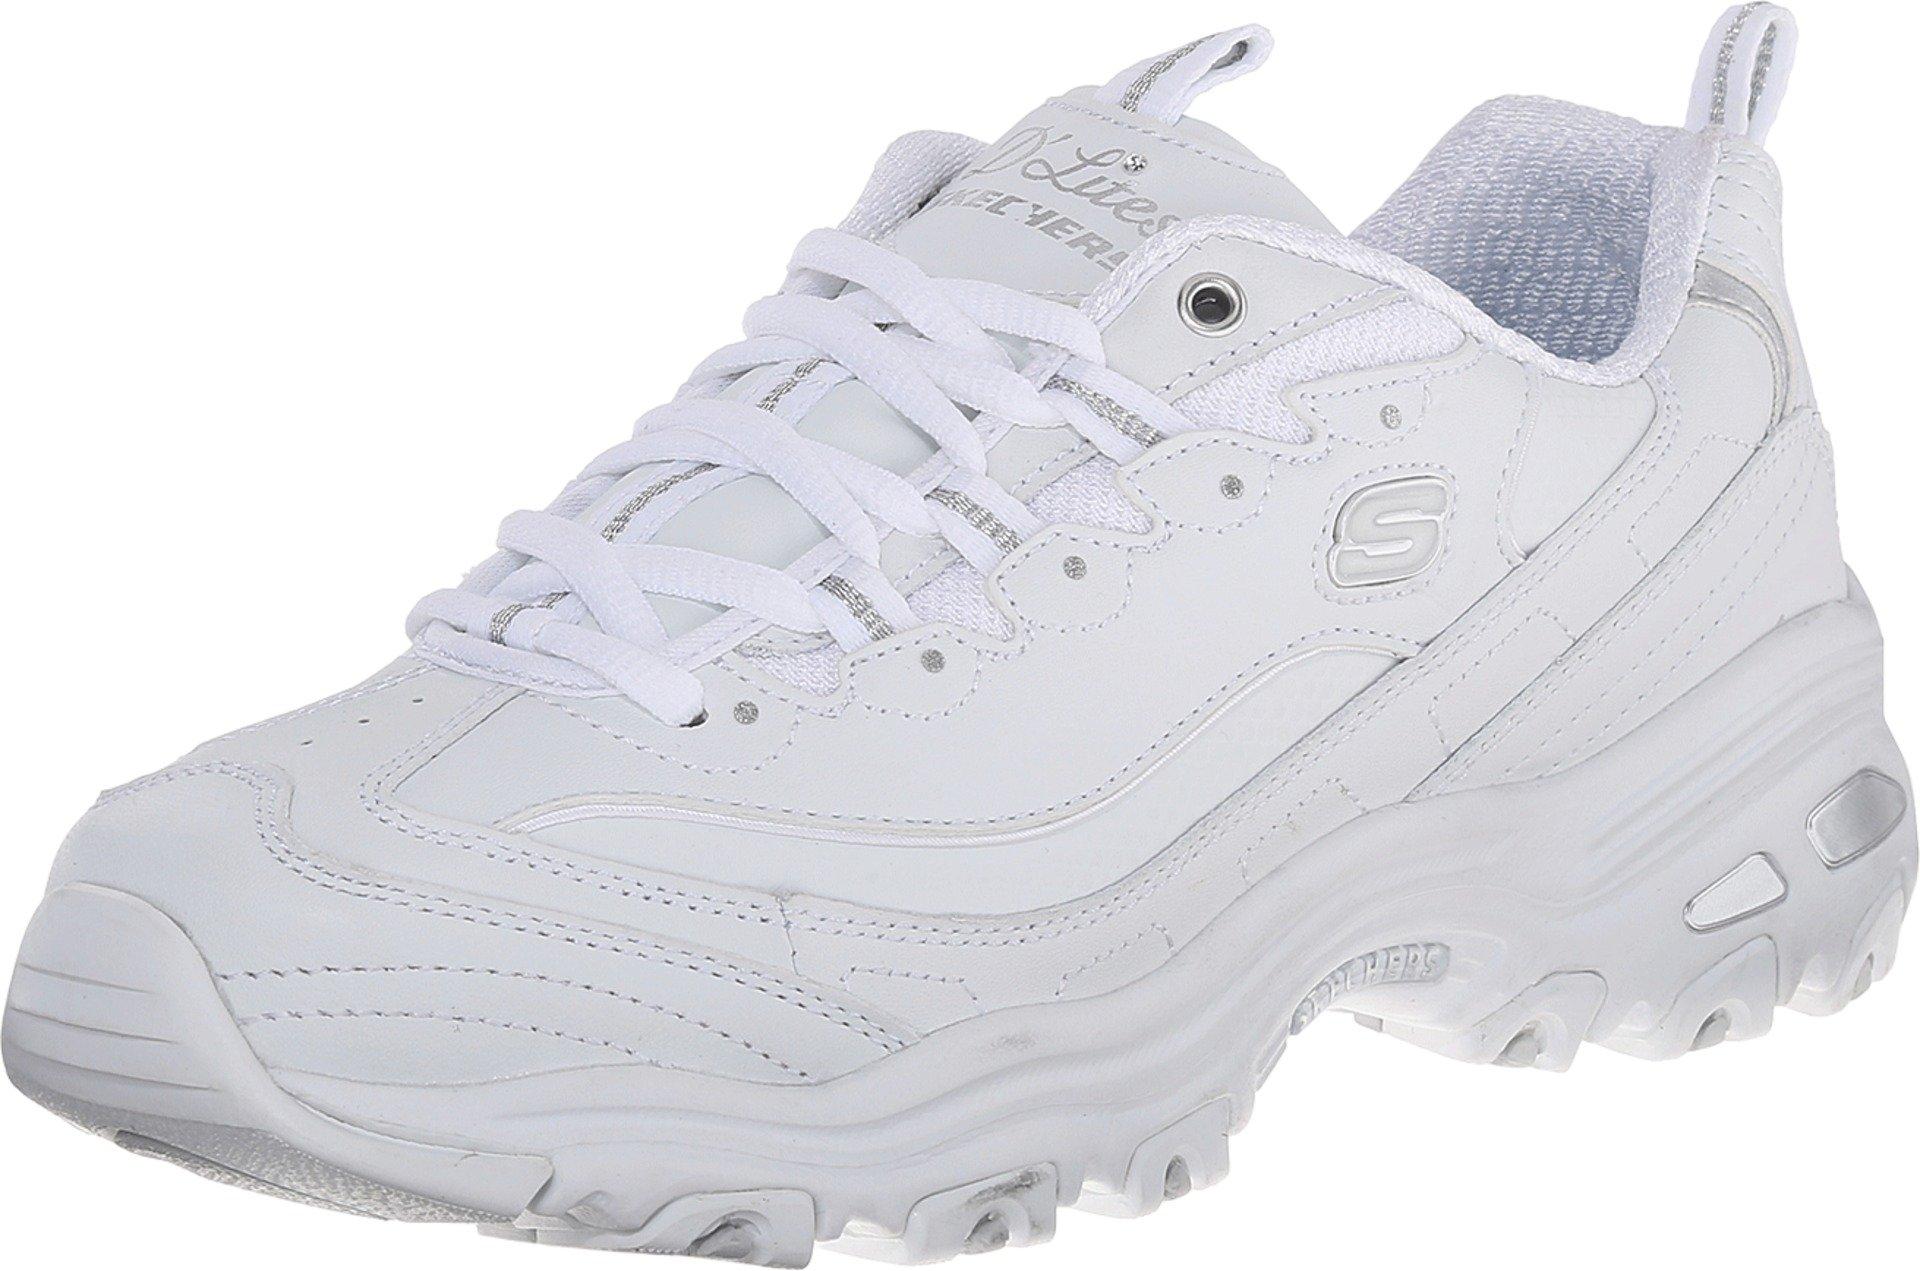 Skechers Women's D'Lites Memory Foam Lace-up Sneaker,White Silver,7 M US